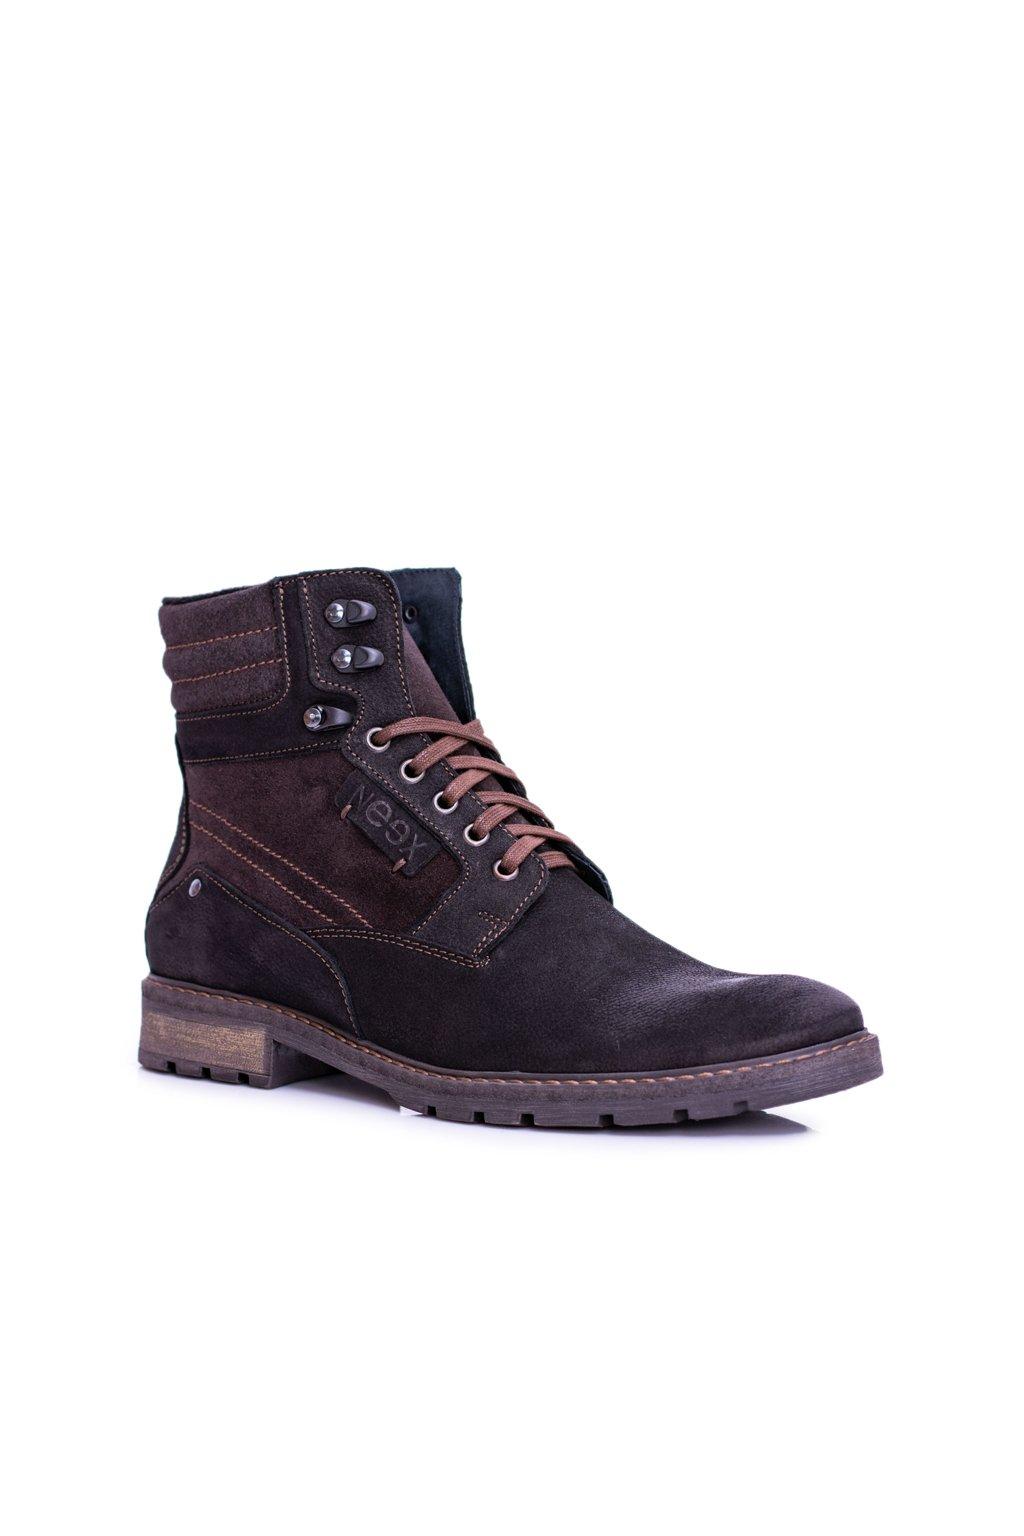 Pánske topánky na zimu farba čierna kód obuvi 297F BLK FLOTER